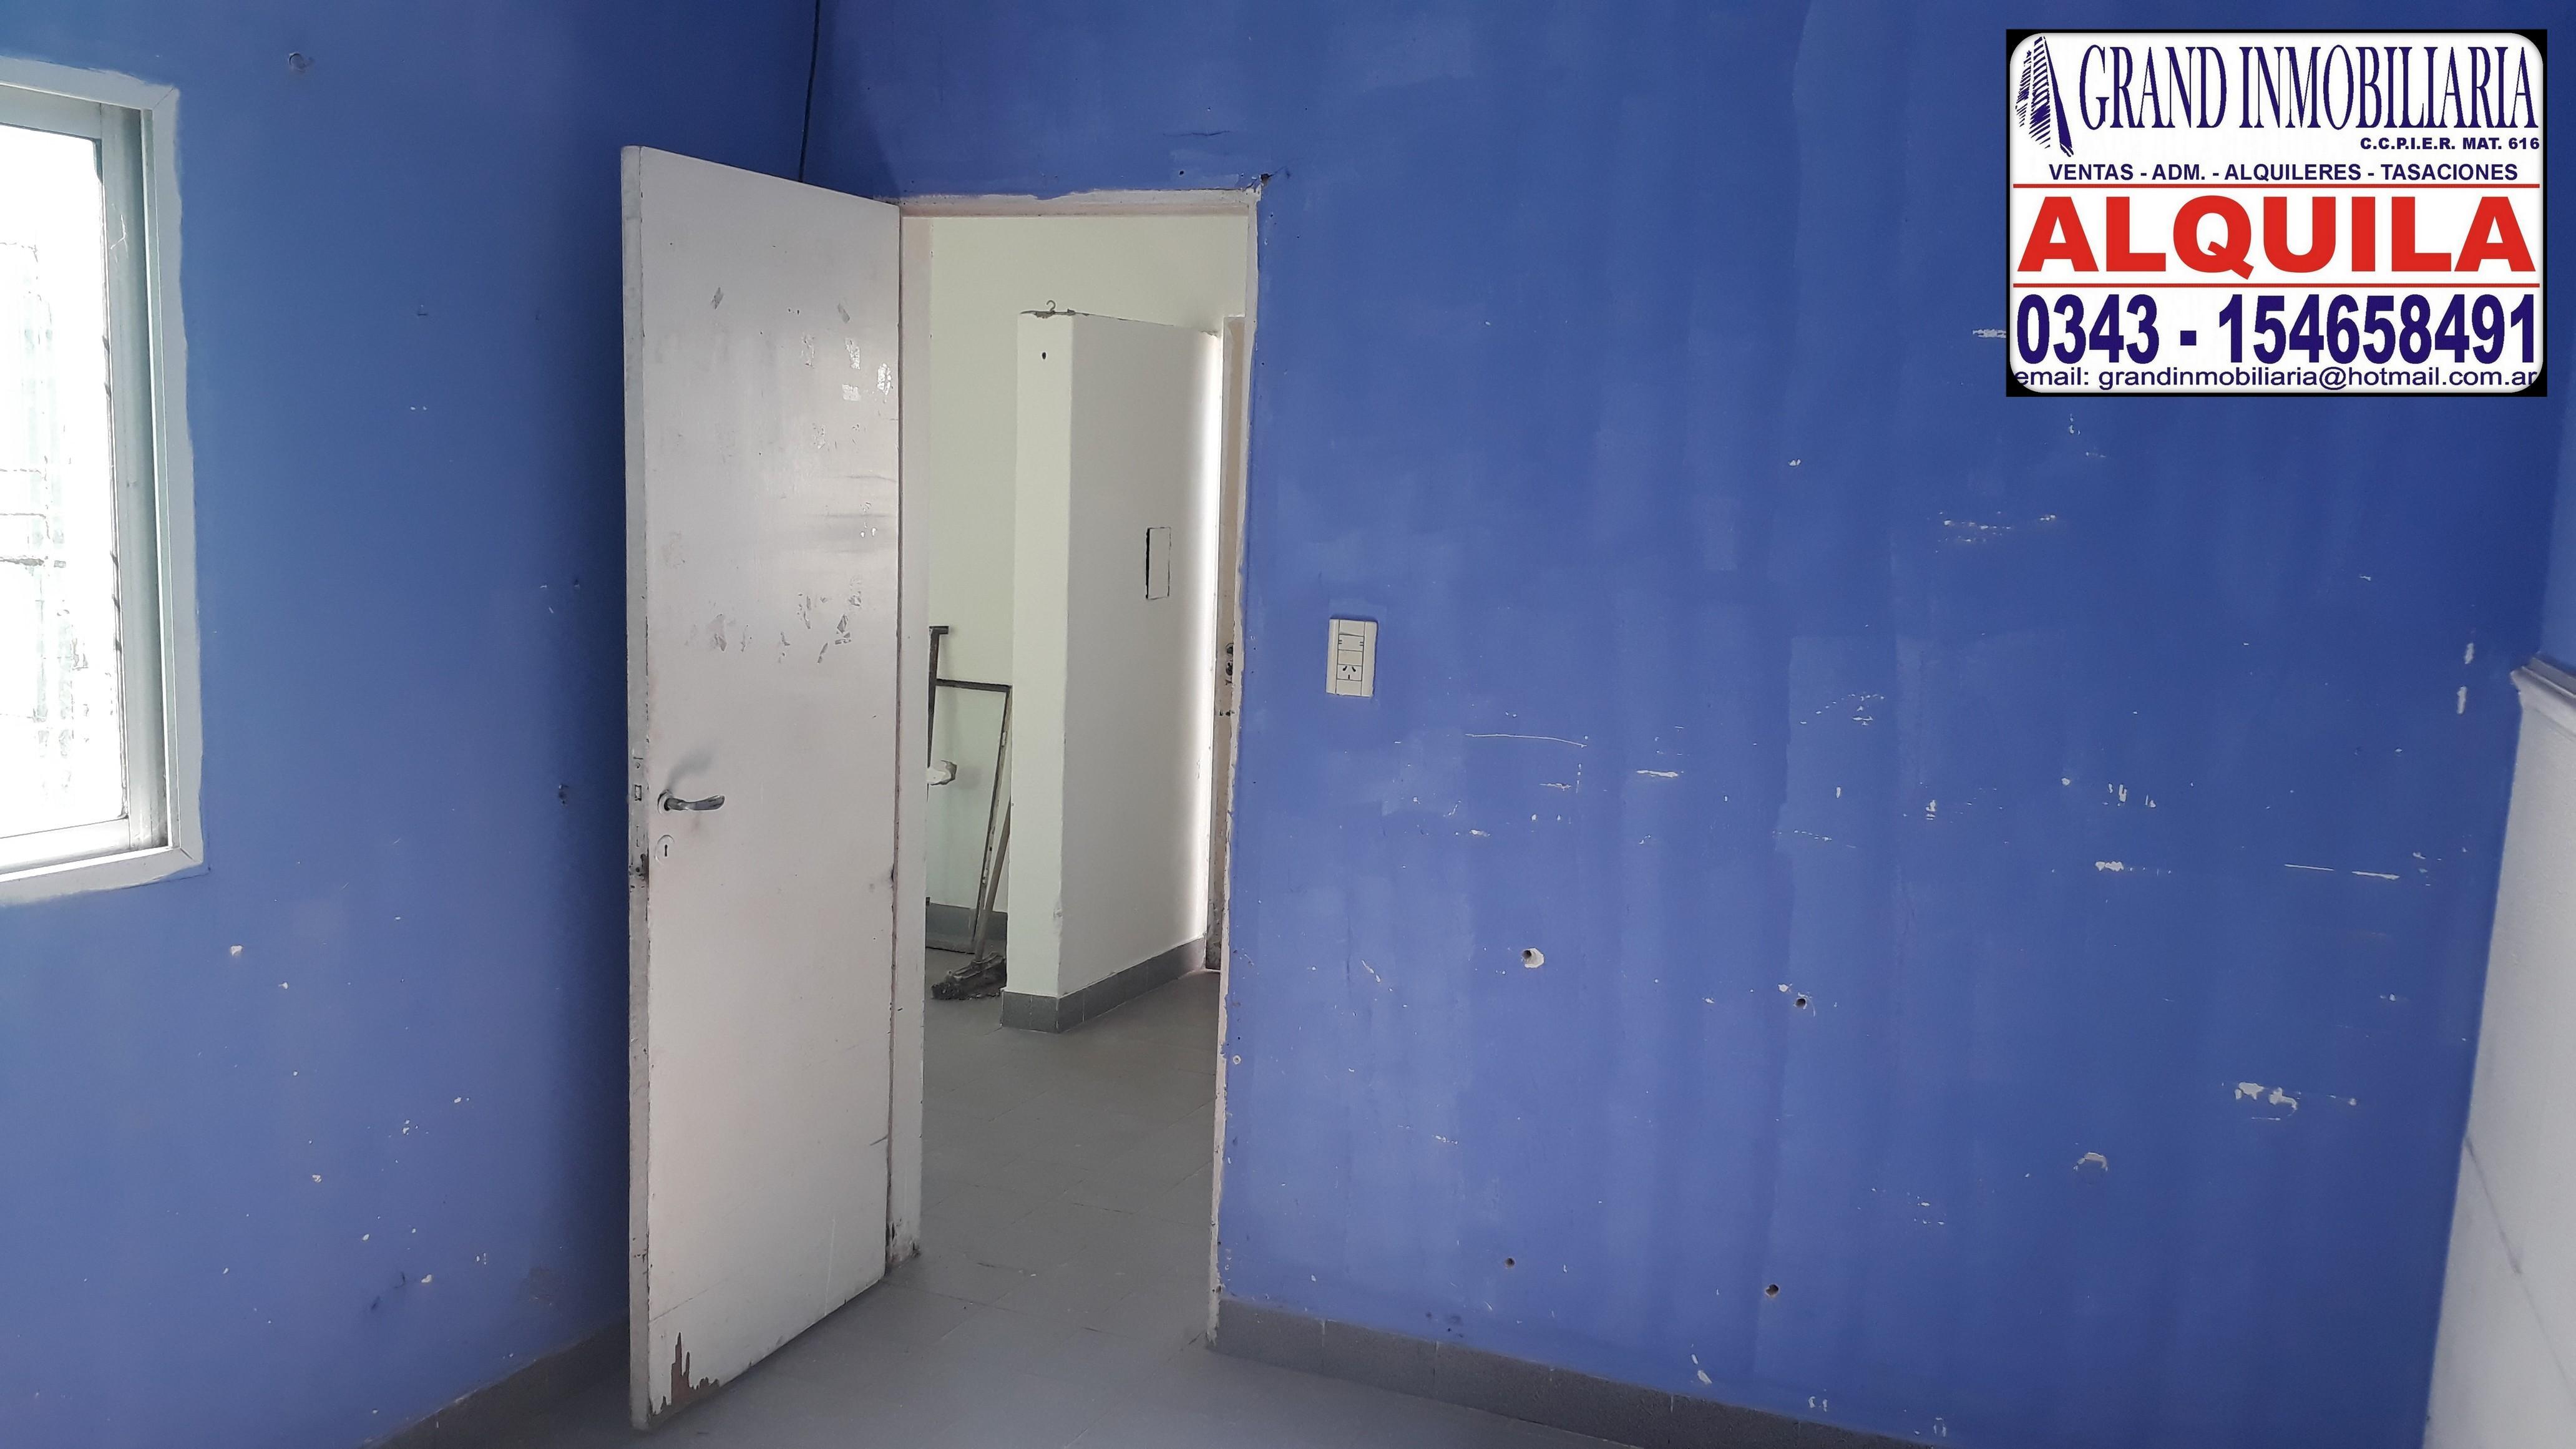 ALQUILO Casa 2 Dormitorios